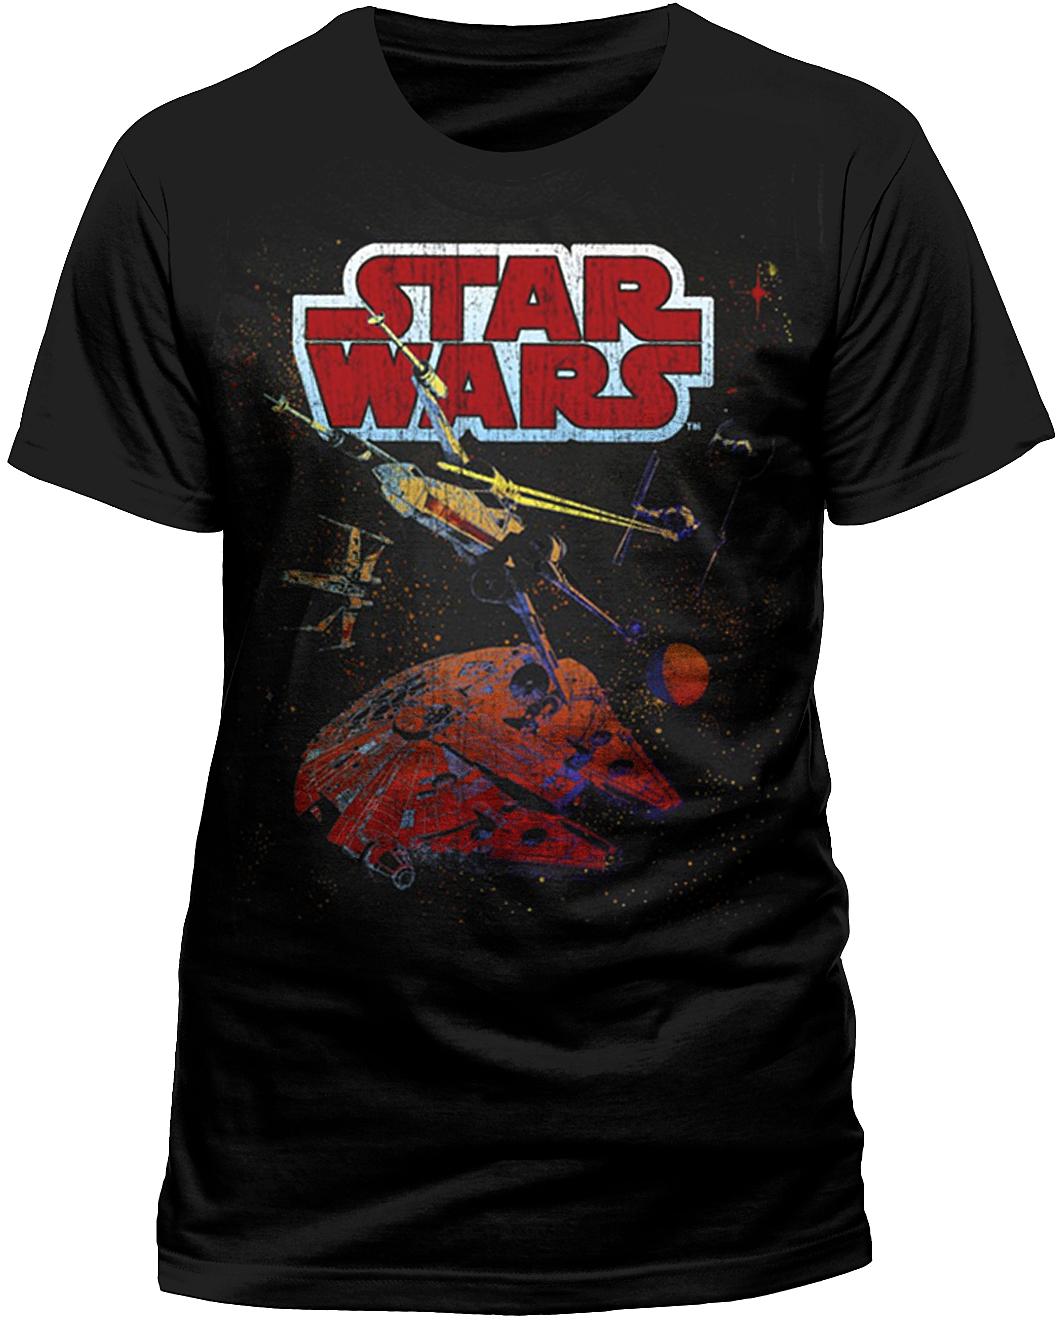 Star Wars - X-Wing XL imagine